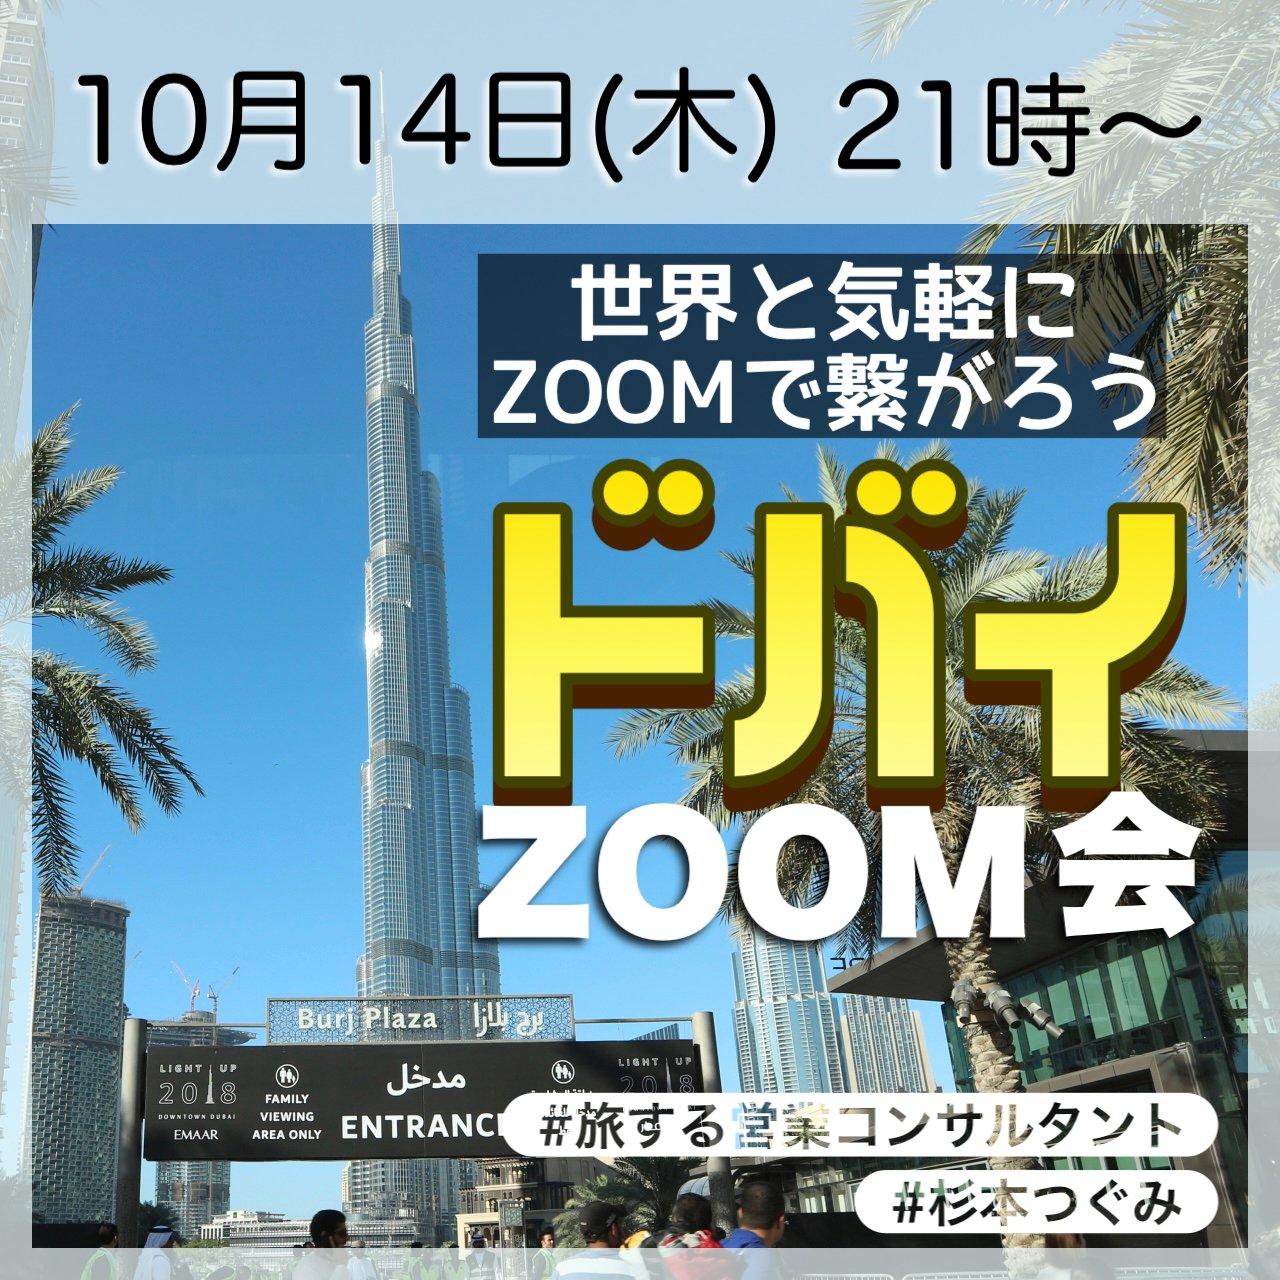 ドバイzoom会・10月14日(木)21時〜のイメージその1